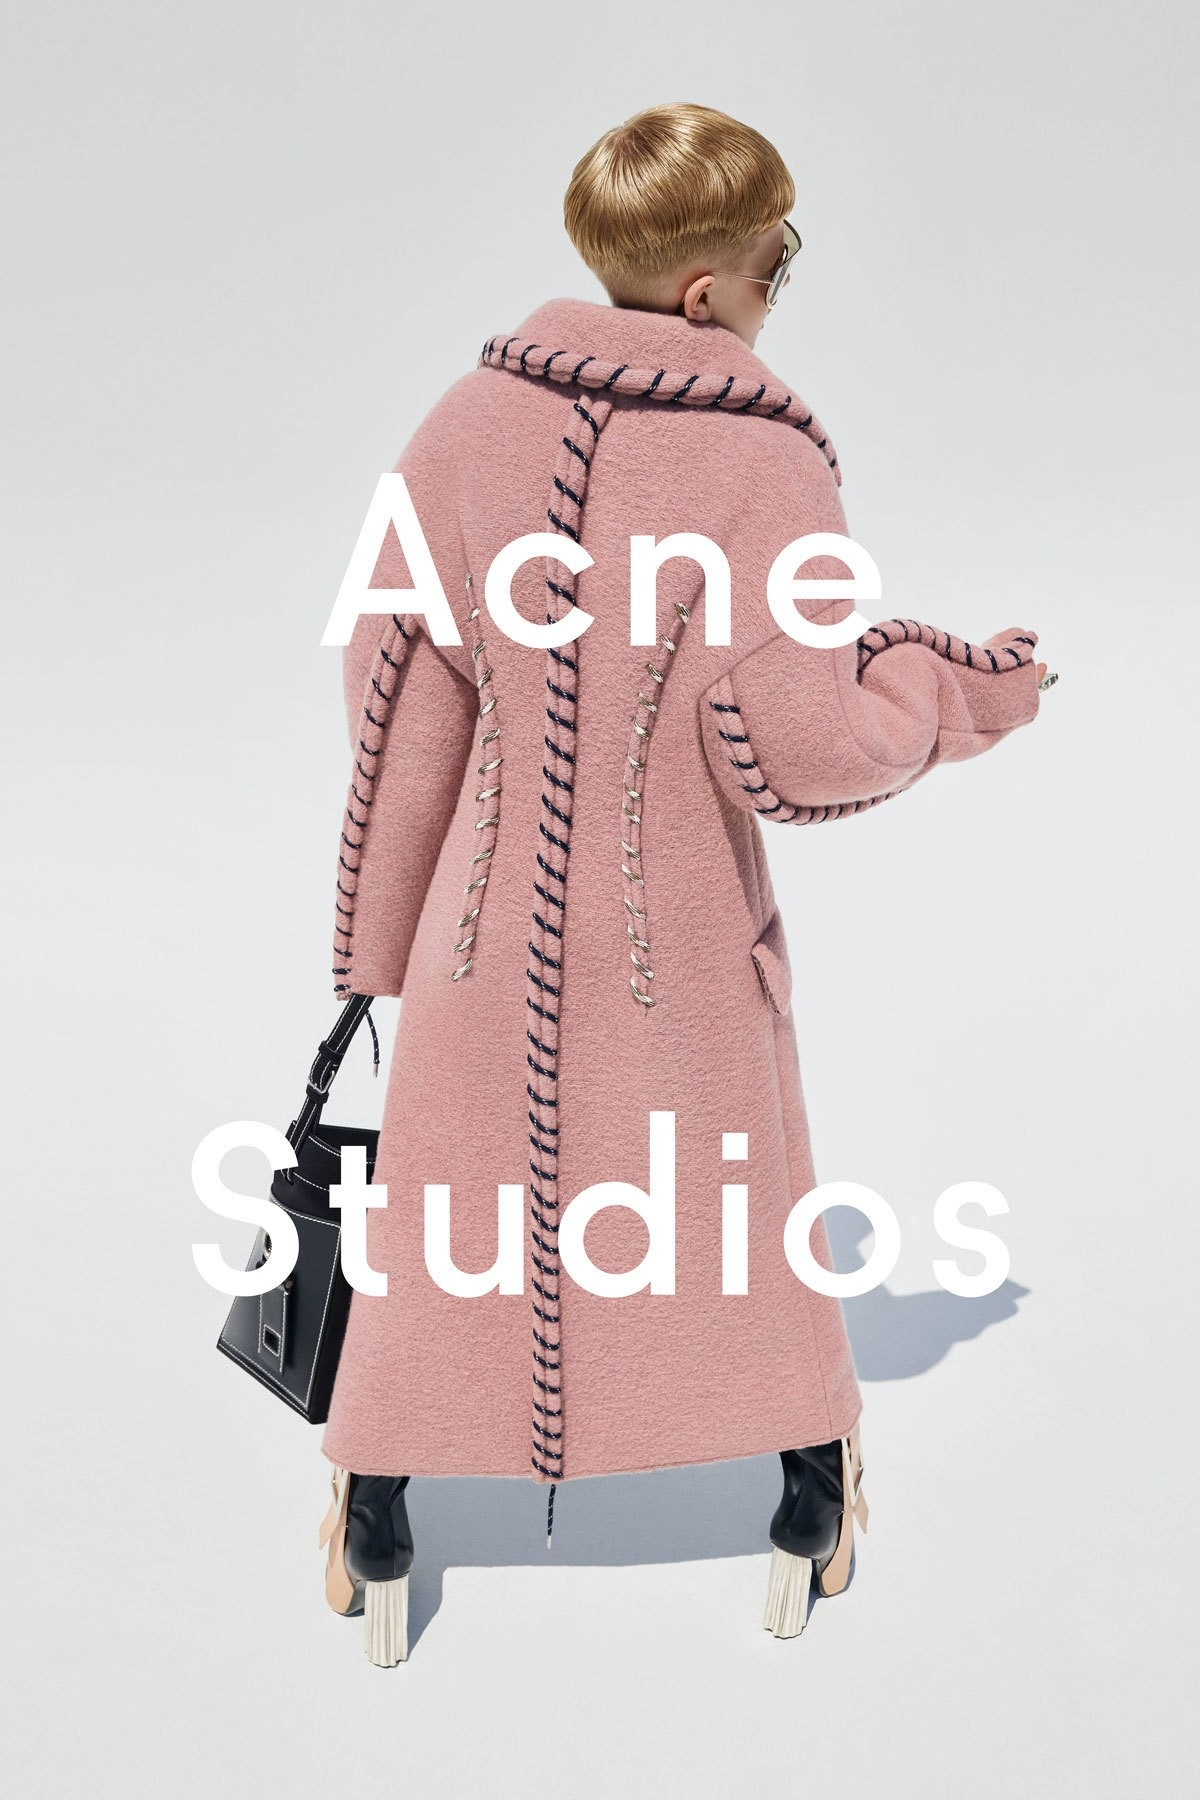 Frasse Johansson para Acne Studios (Foto: Divulgação)